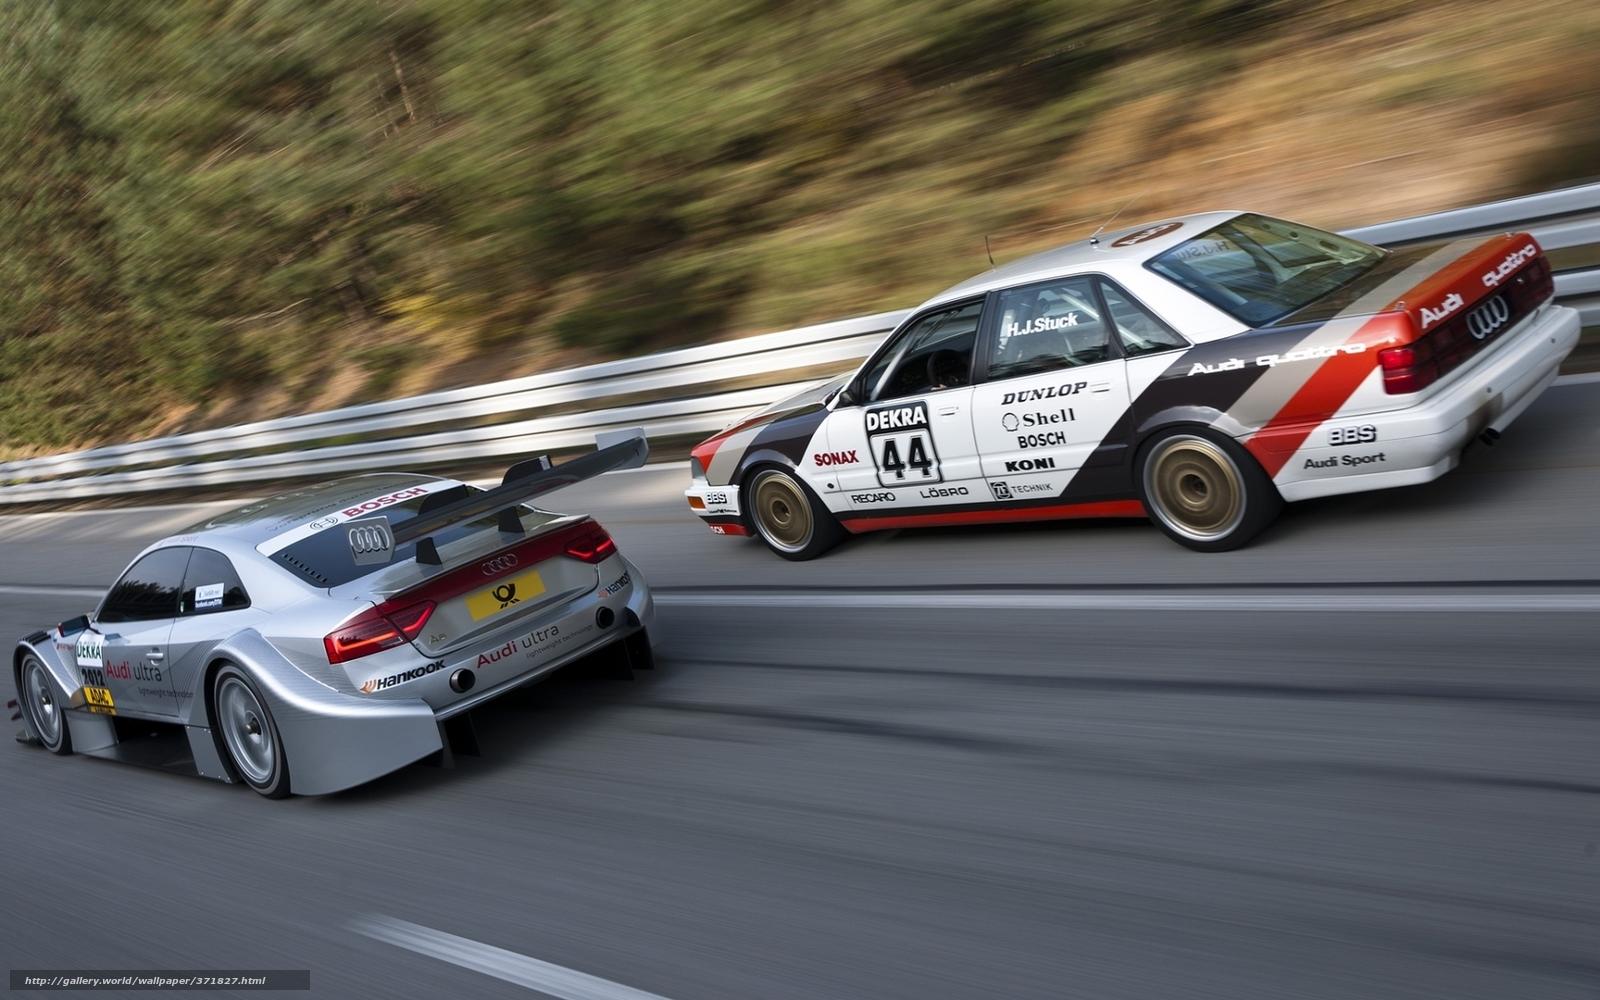 Audi racing wallpaper wallpapersafari - Car racing wallpaper free download ...